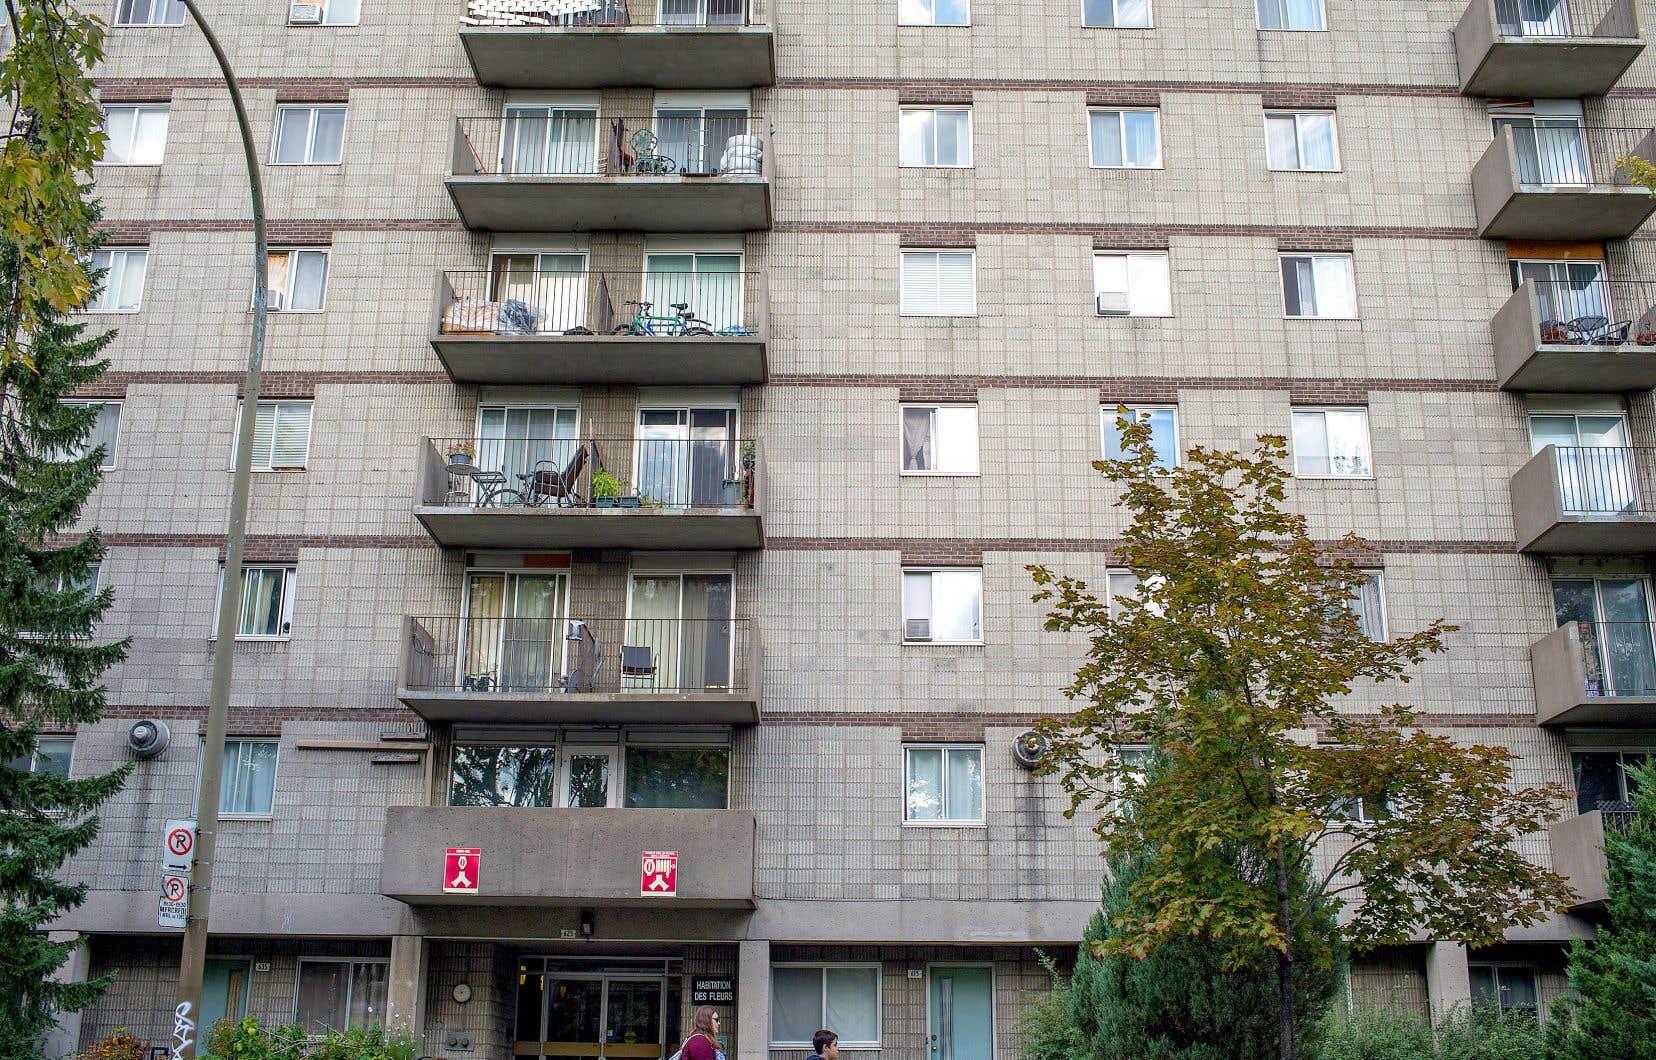 La Ville de Montréal fait notamment état de la réalisation de 29 projets de logements sociaux dits «clé en main» depuis 2012 par des promoteurs immobiliers qui ont collaboré avec des groupes de ressources techniques dans le cadre de cette stratégie. Ces projets totalisent 2075 unités qui ont été livrées en partie depuis.